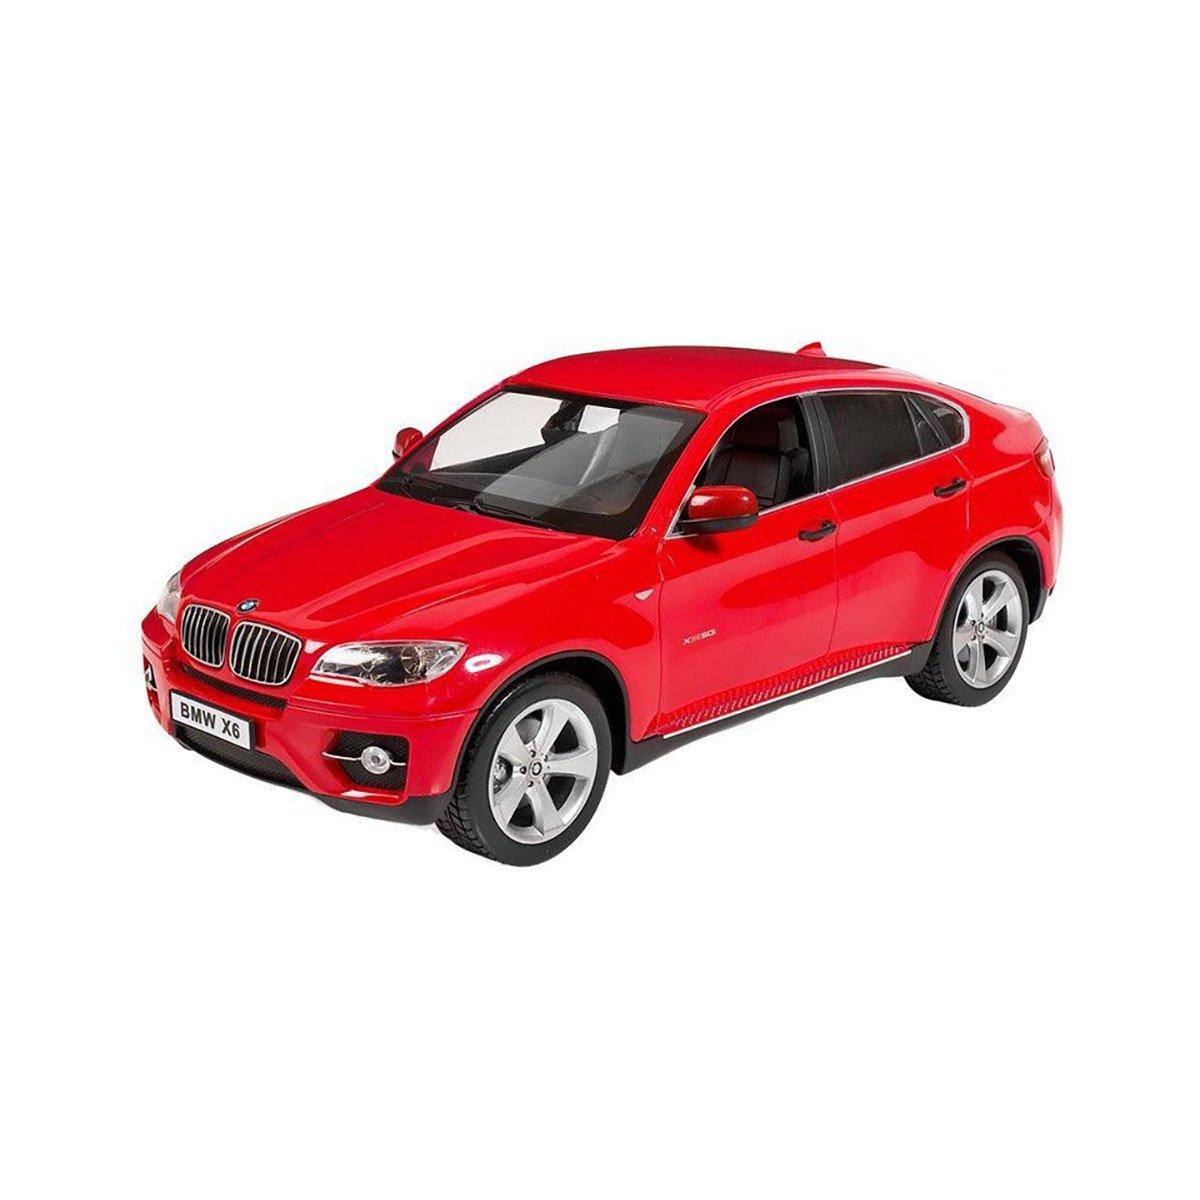 Masinuta Rastar BMW X6, 1:43, Rosu